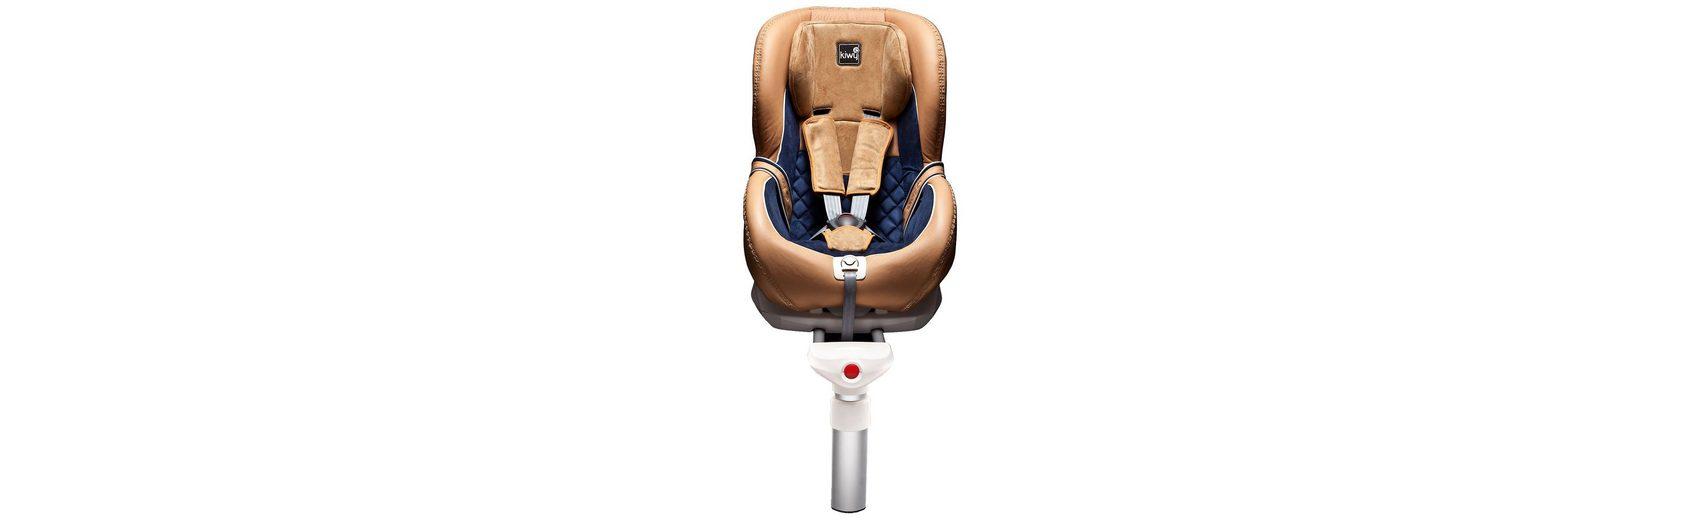 Auto-Kindersitz SPF1 DeLuxe mit Isofix & SA-ATS, Sienna, 201